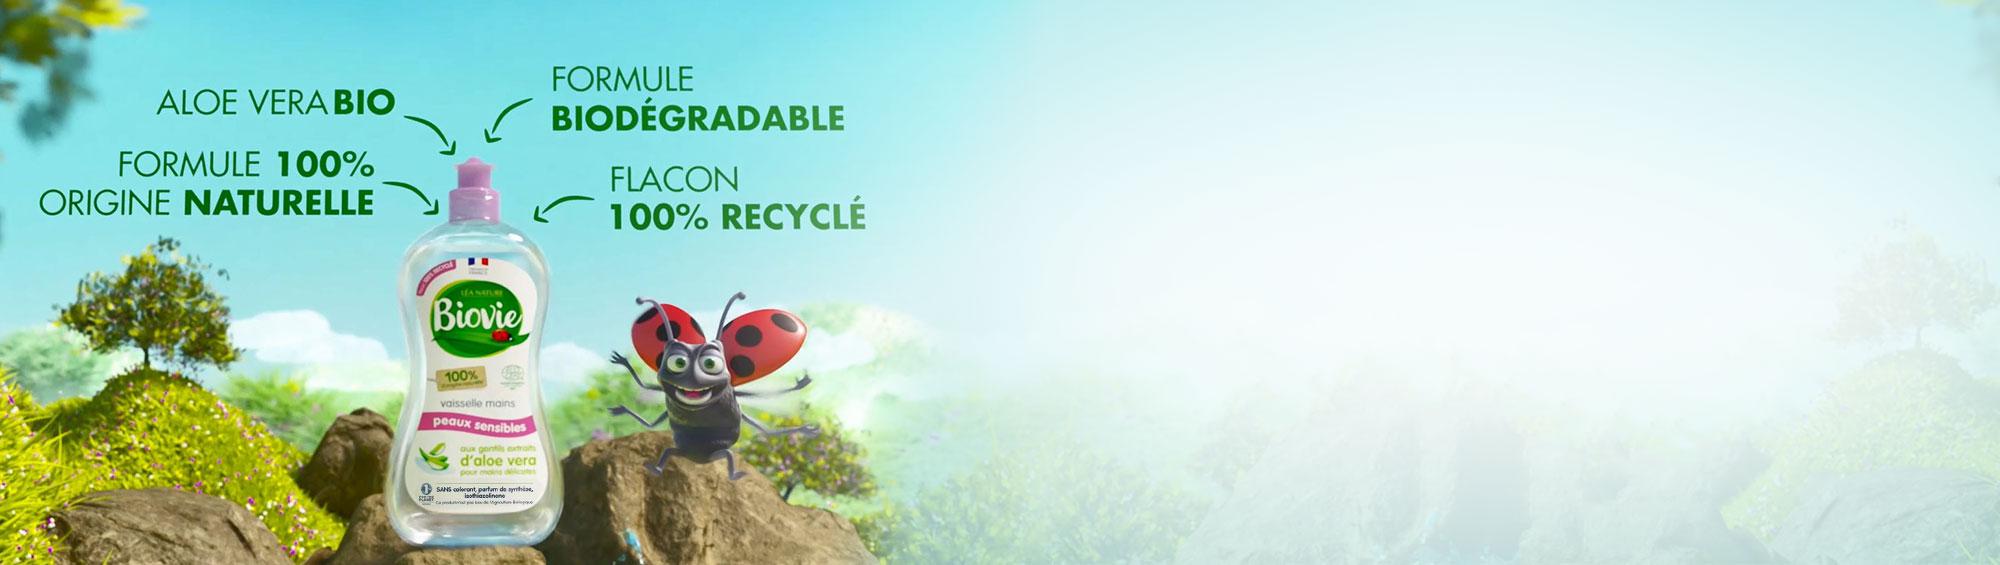 Ou Ranger Les Produits D Entretien biovie   produits d'entretien certifiés ecodétergent